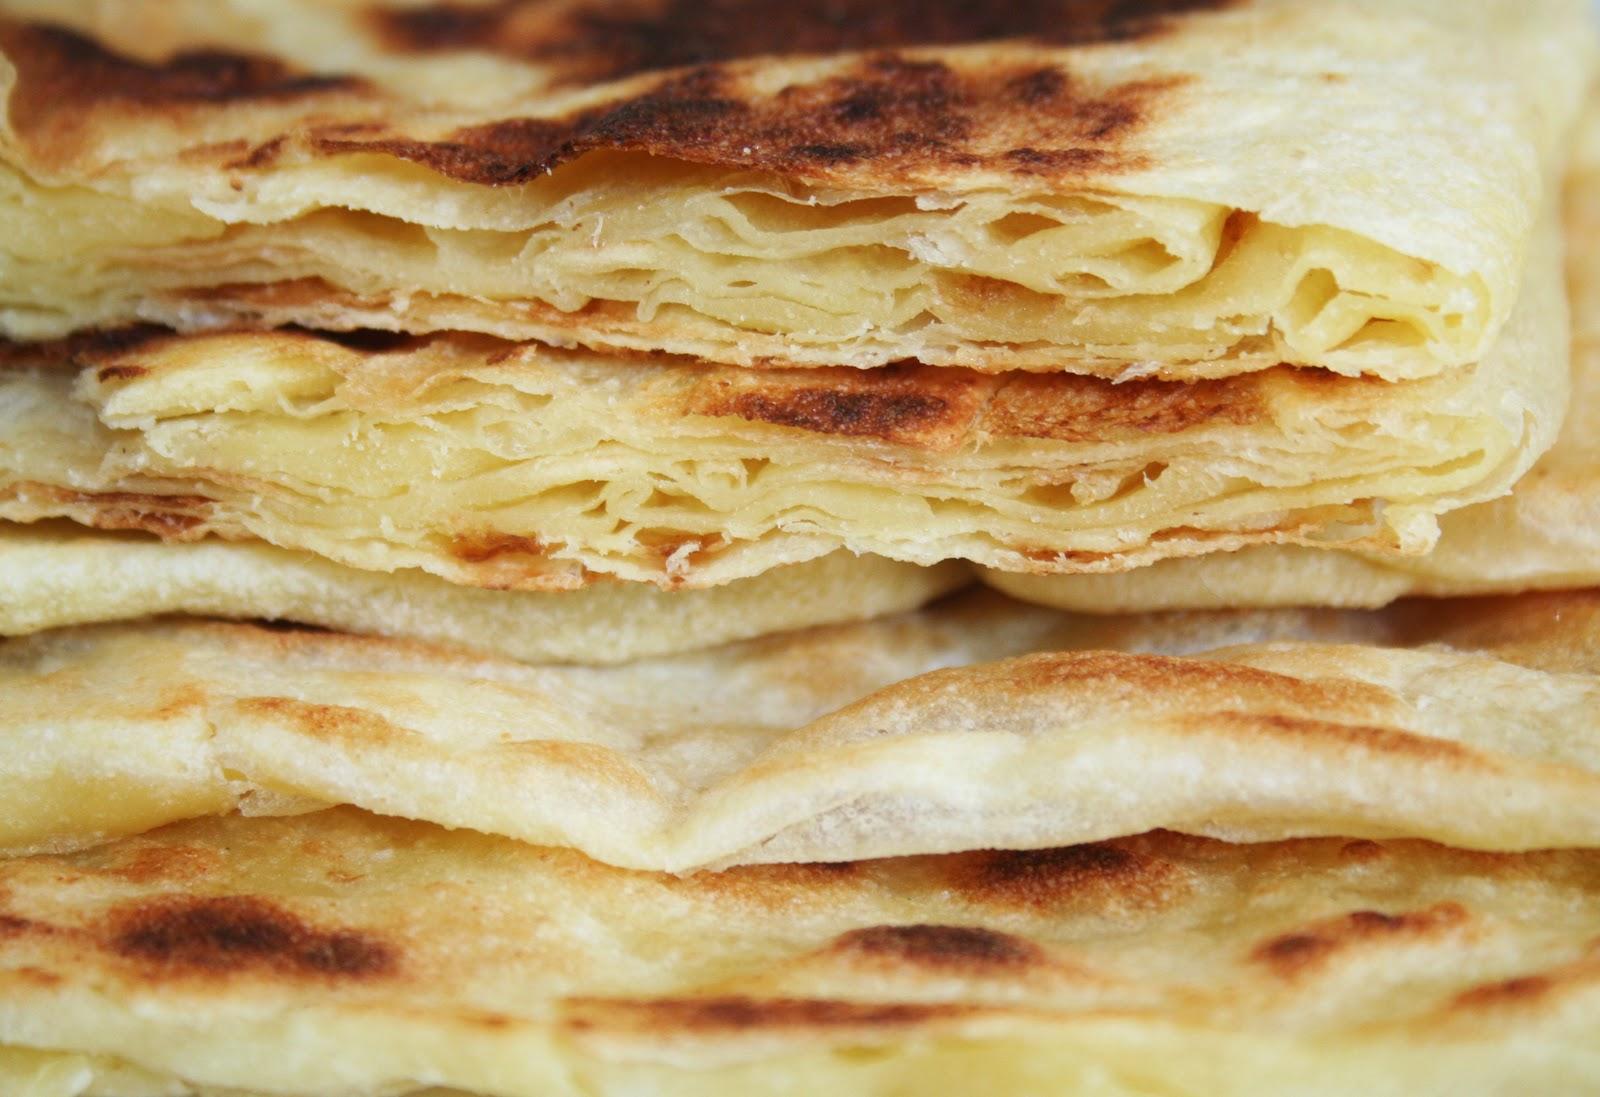 La cuisine de bernard m 39 hadjebs et maareks for Cuisine de bernard